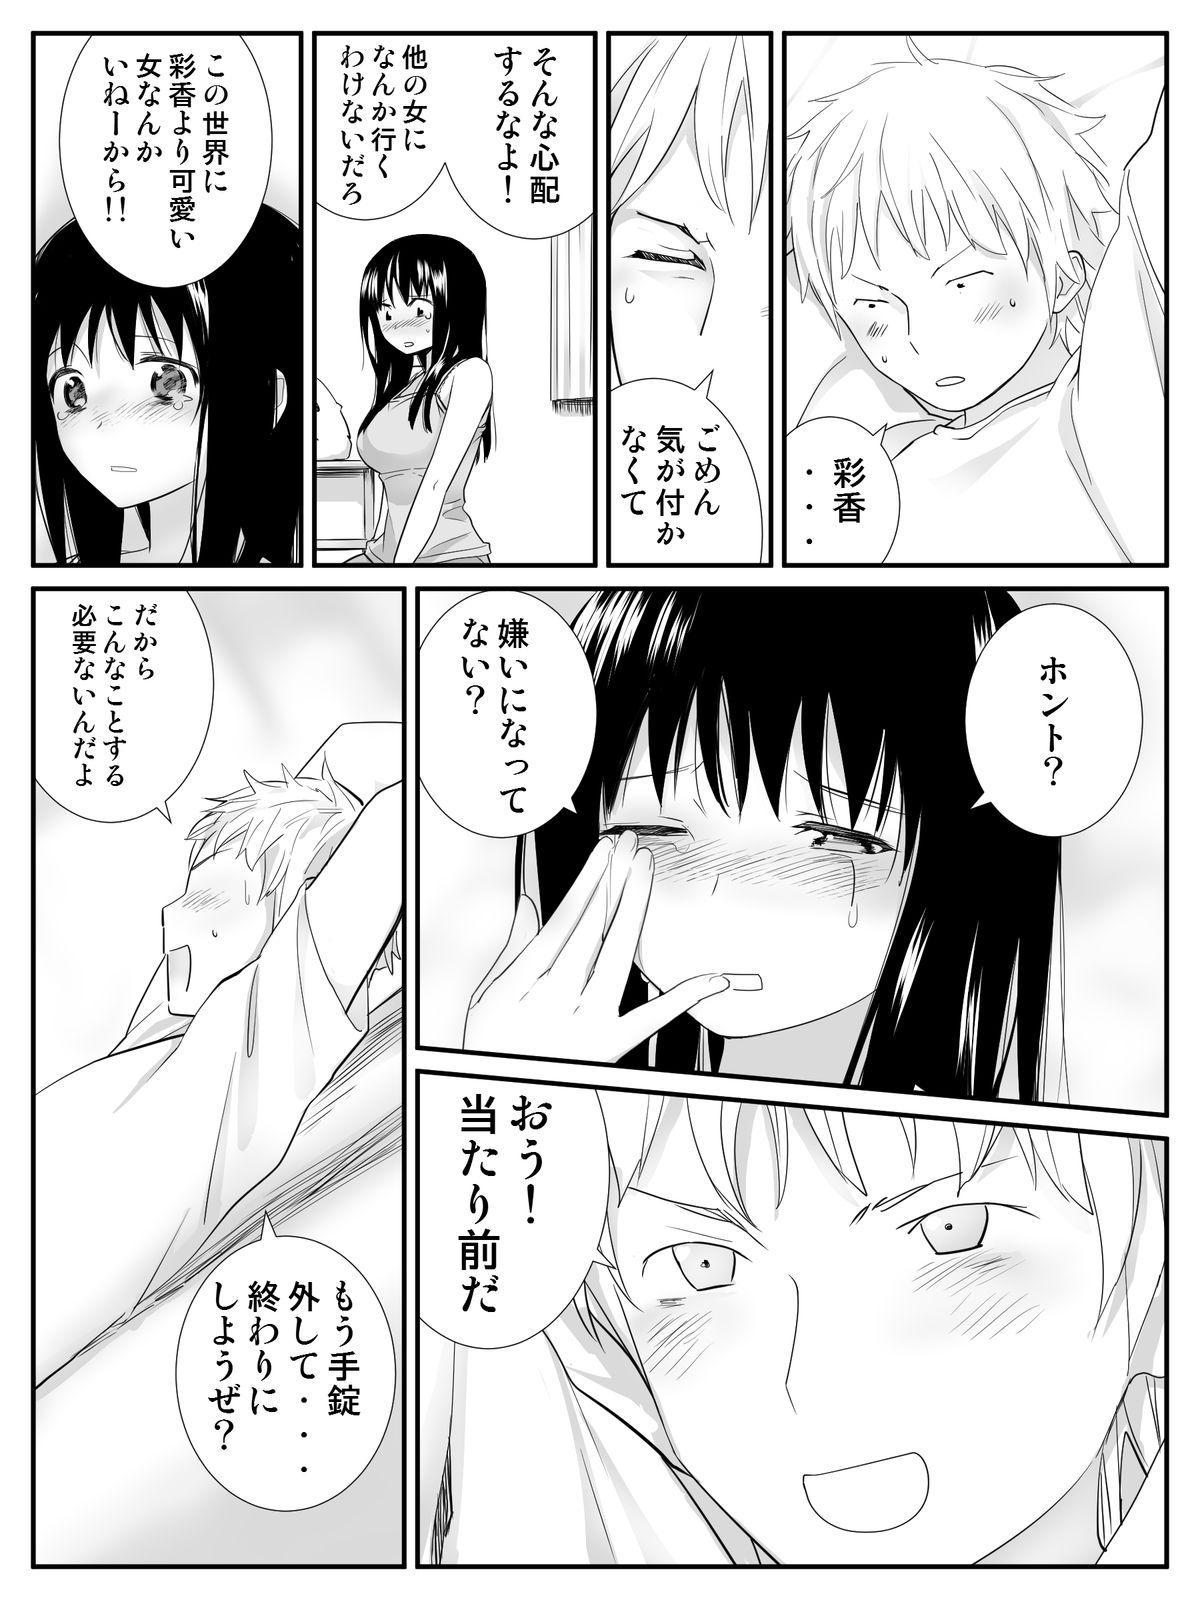 Ore ga Saiai no Kanojo ni Nyoudou wo Hiru de Okasareta Toki no Hanashi 22